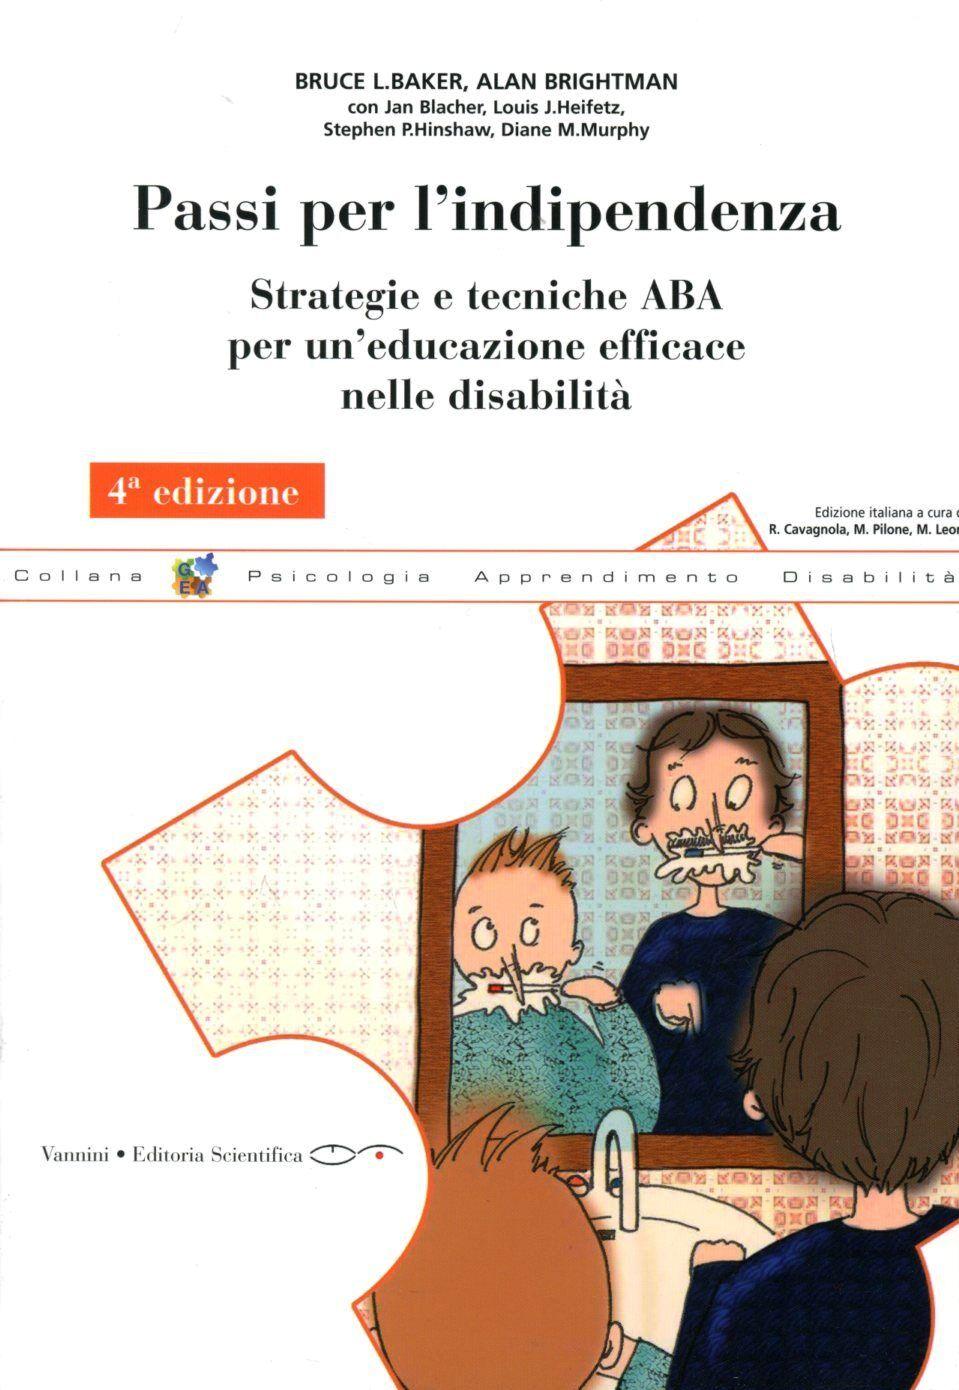 Passi per l'indipendenza. Strategie e tecniche ABA per un'educazione effiace nelle disabilità